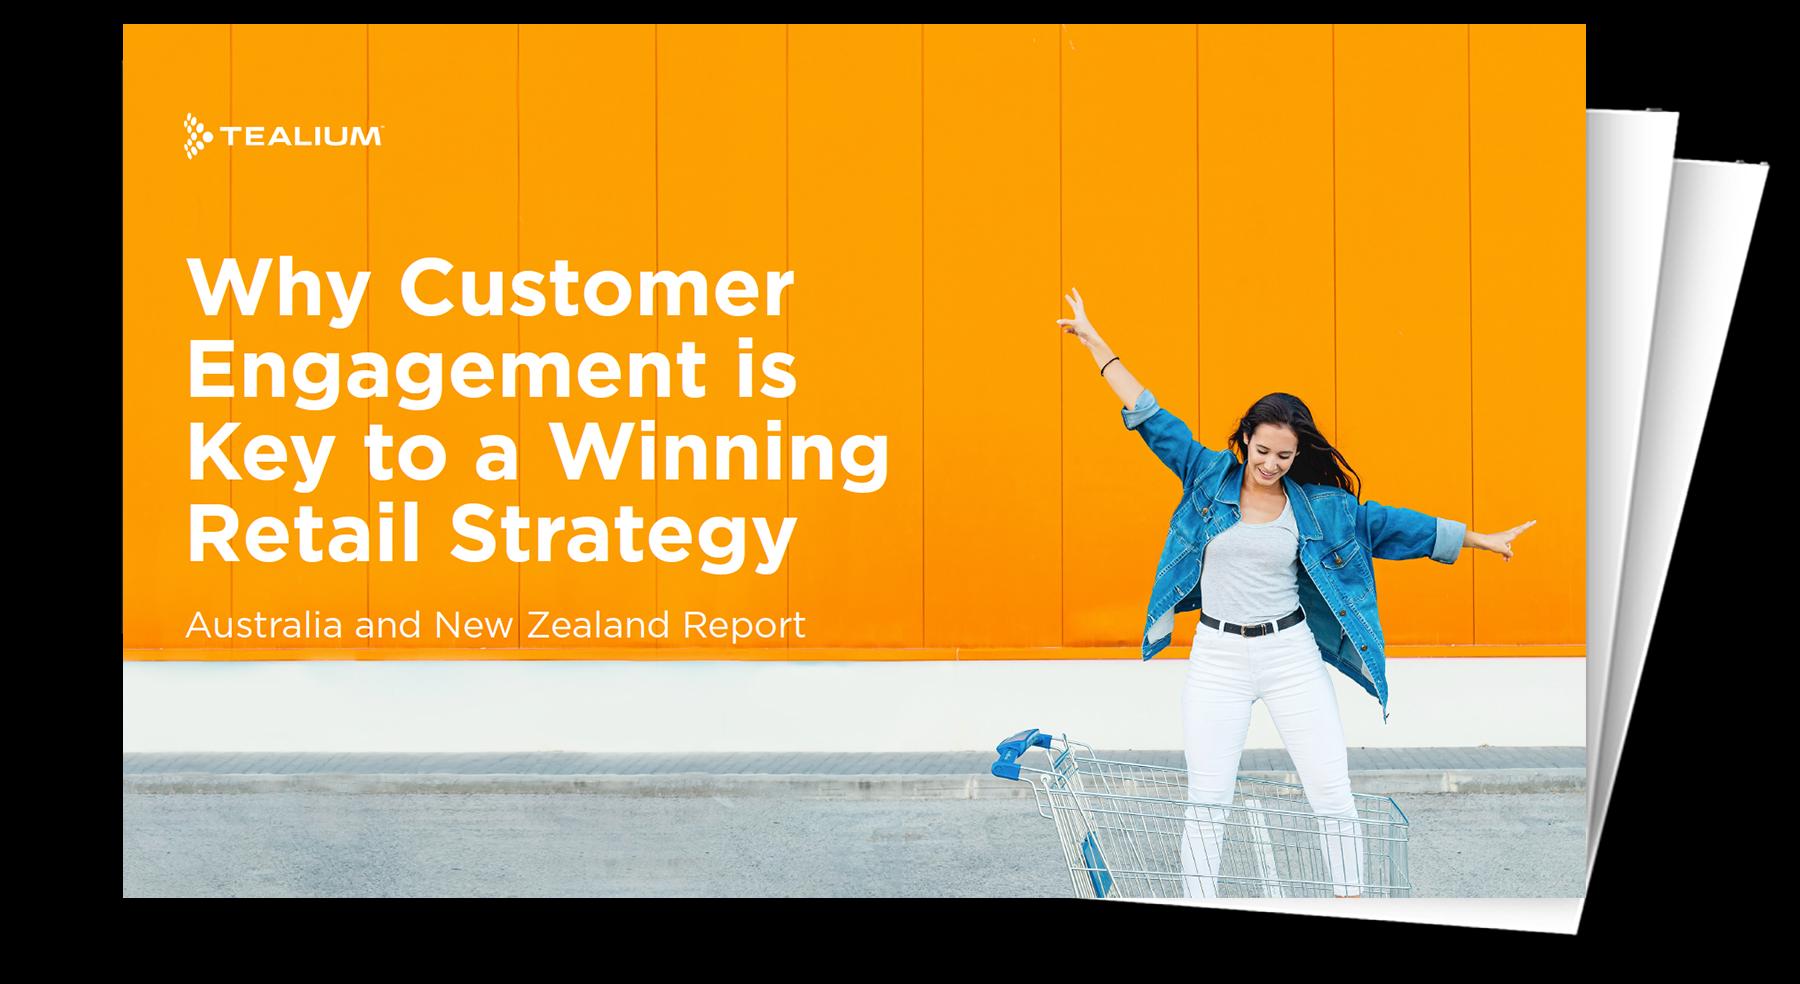 ANZ Retail Report Thumbnail